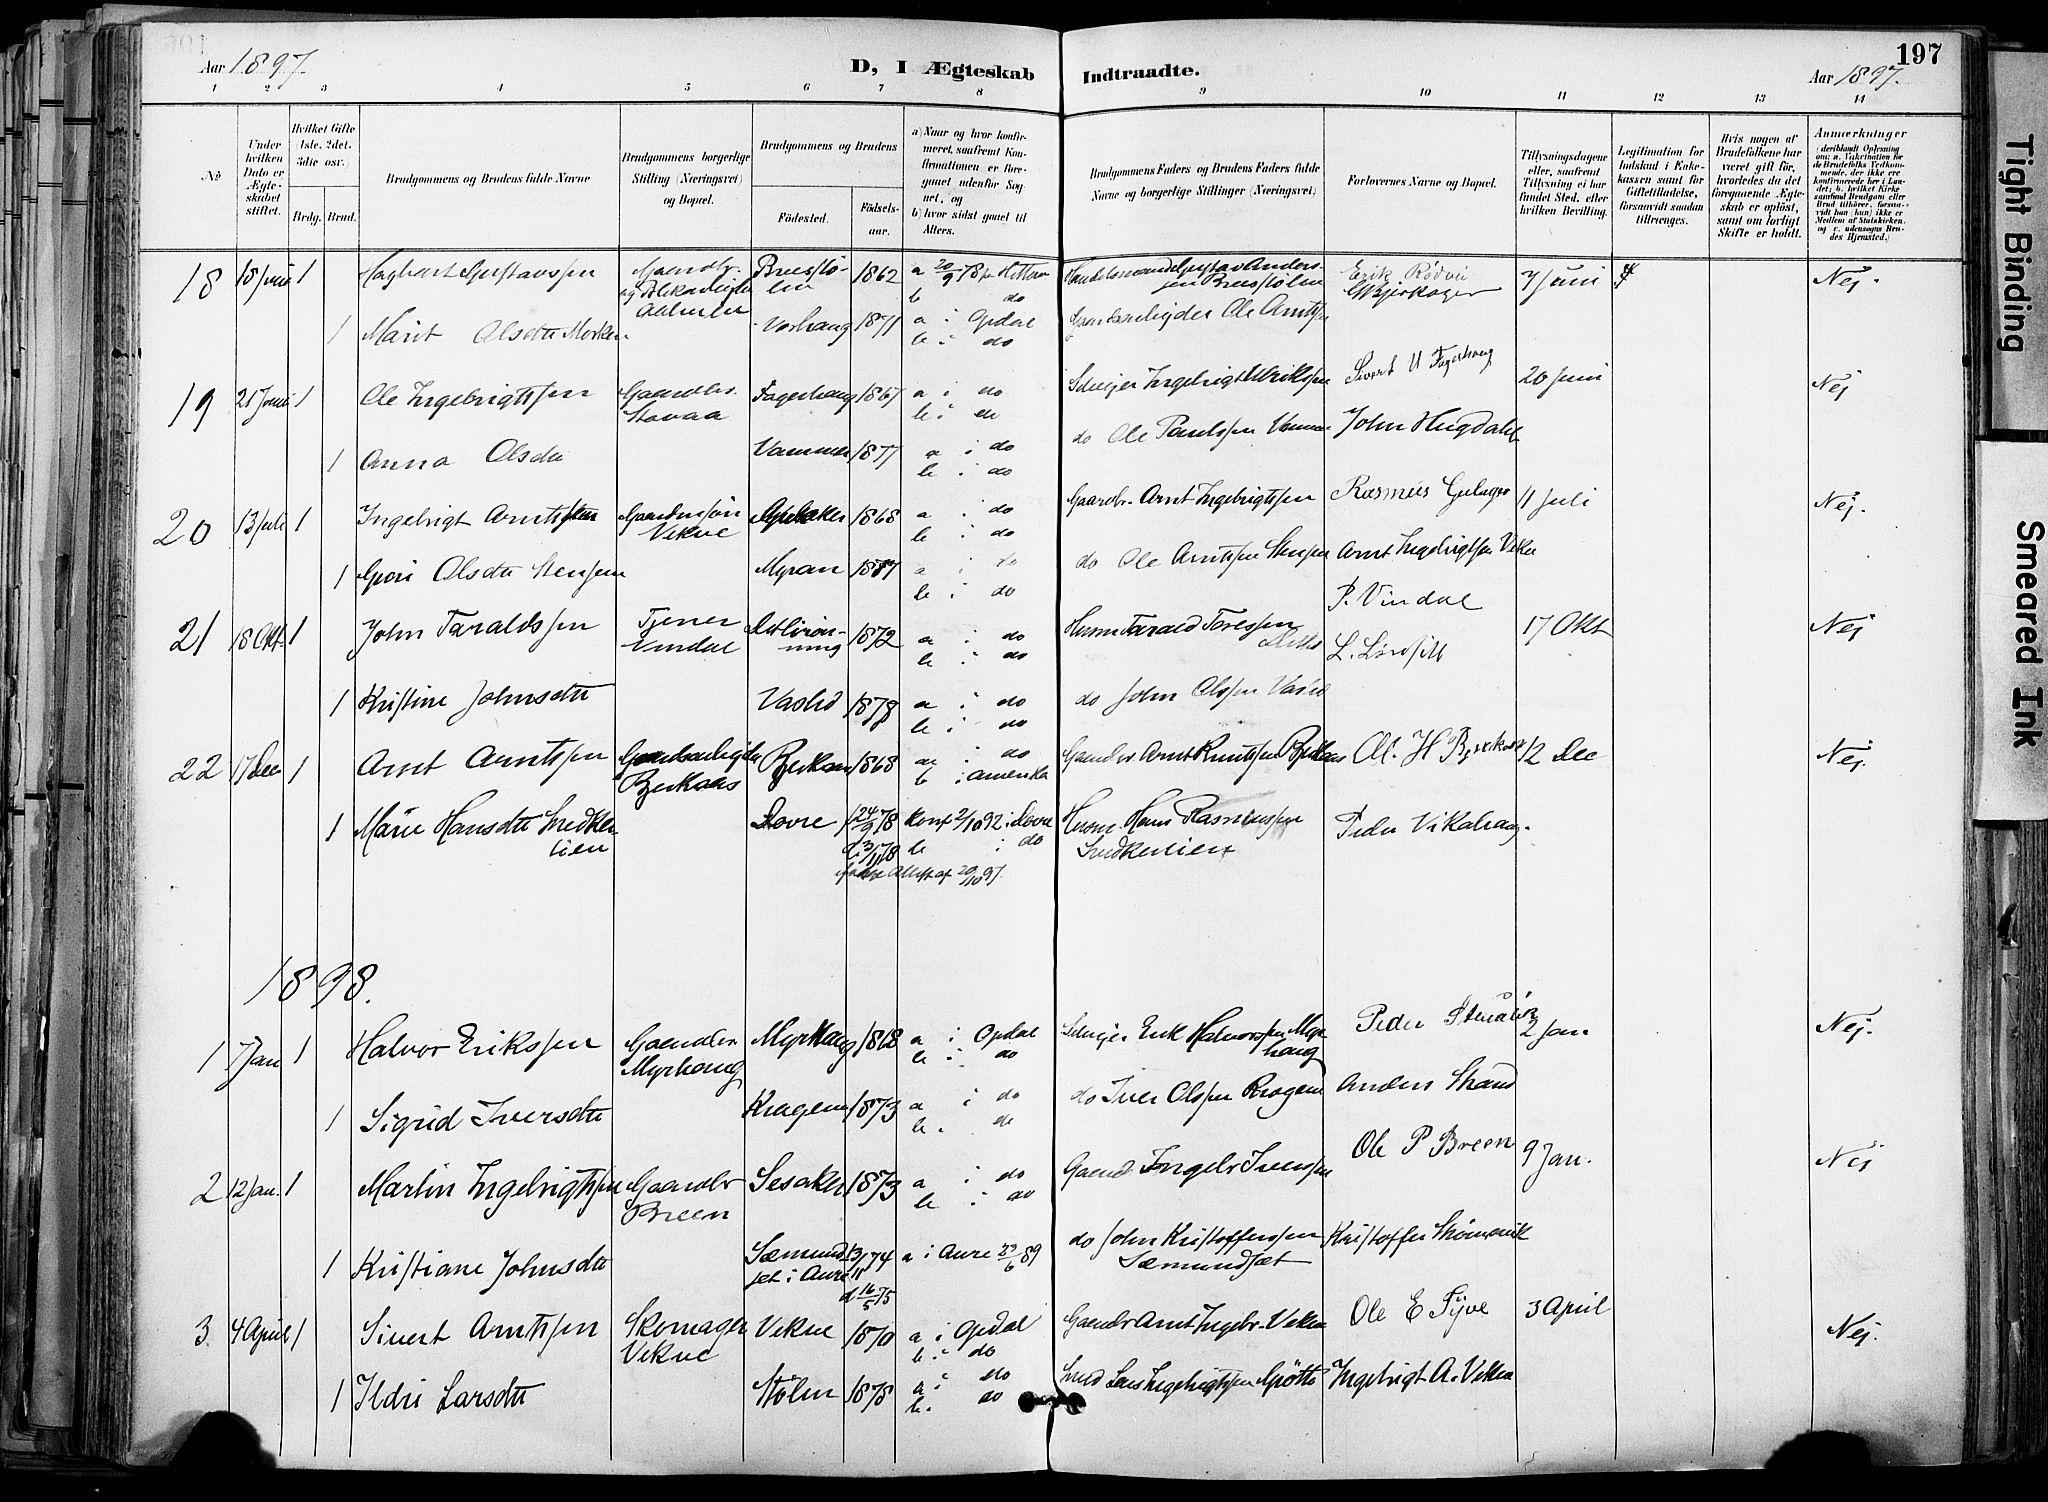 SAT, Ministerialprotokoller, klokkerbøker og fødselsregistre - Sør-Trøndelag, 678/L0902: Ministerialbok nr. 678A11, 1895-1911, s. 197